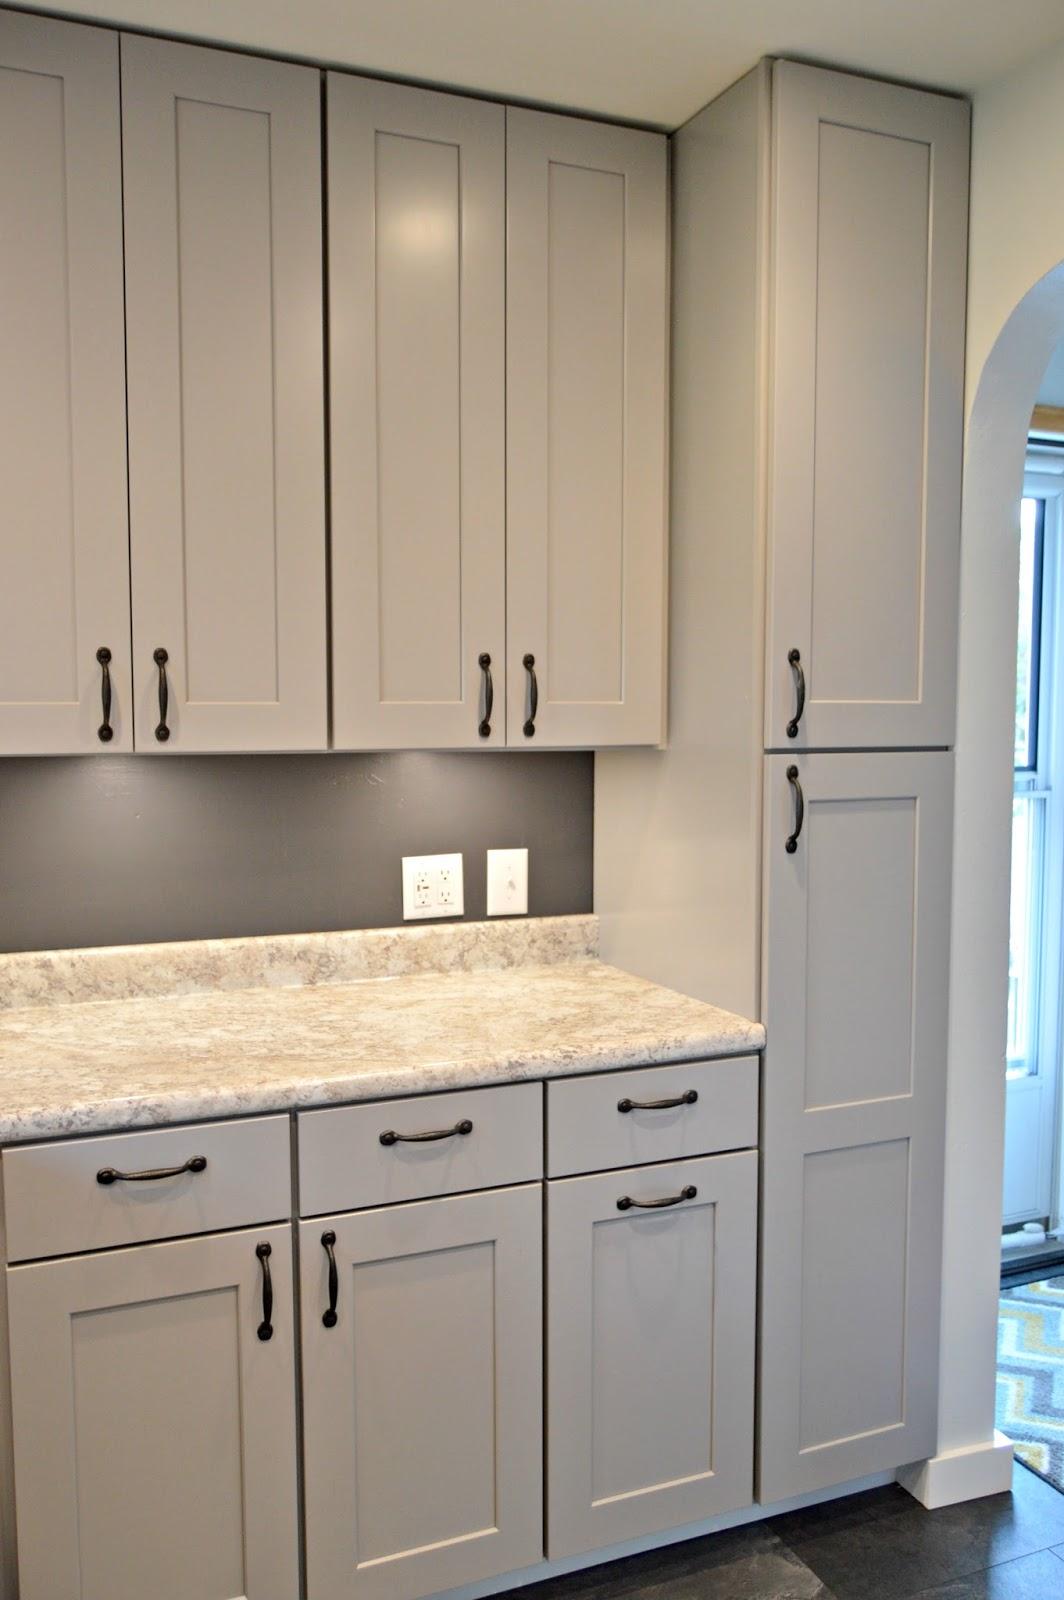 KRUSE'S WORKSHOP: Kitchen Remodel